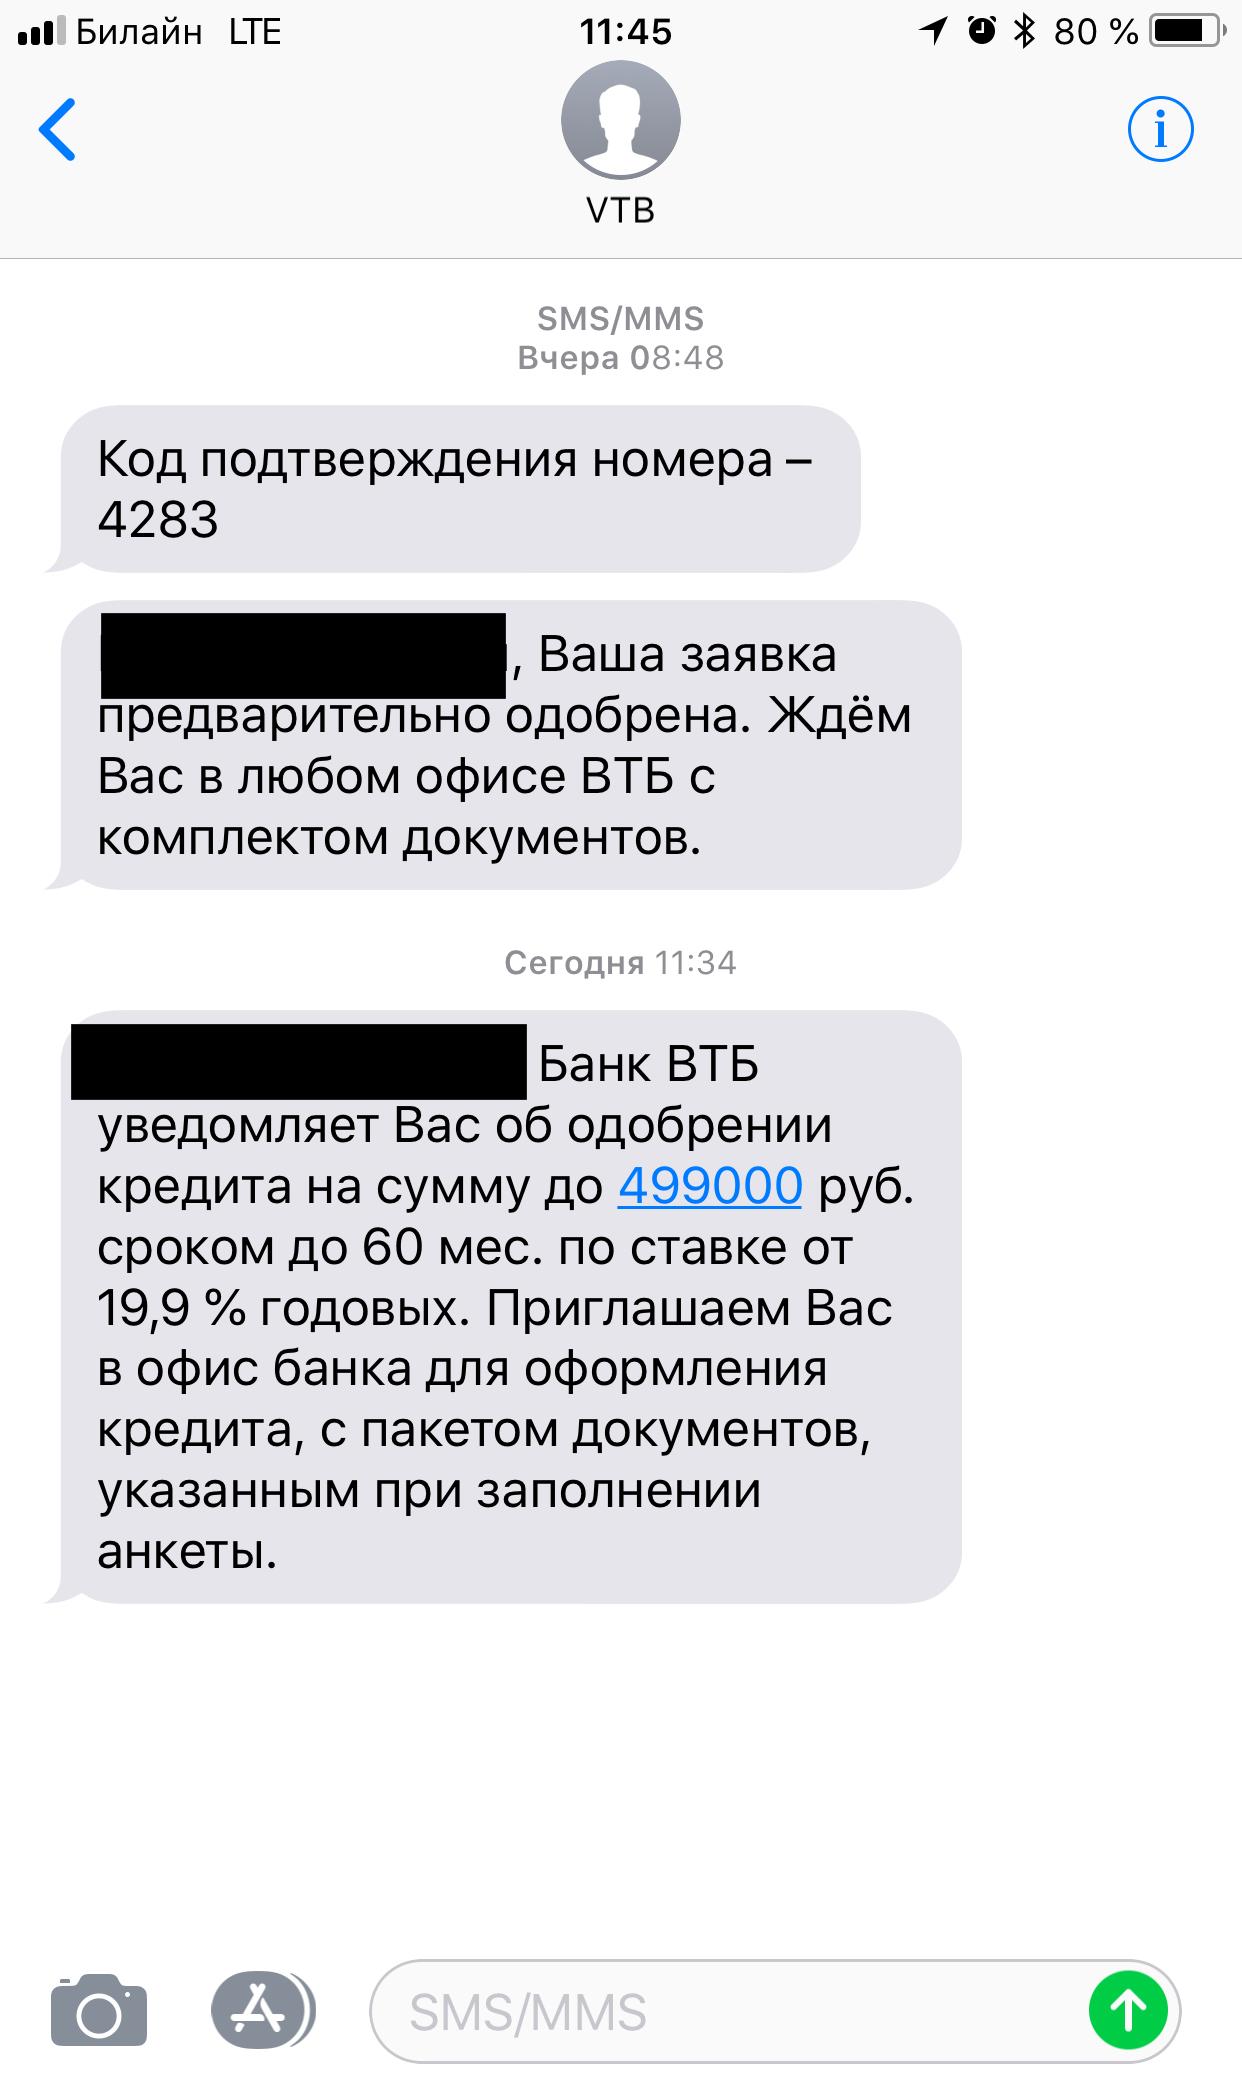 втб предварительно одобрен кредит после онлайн заявки